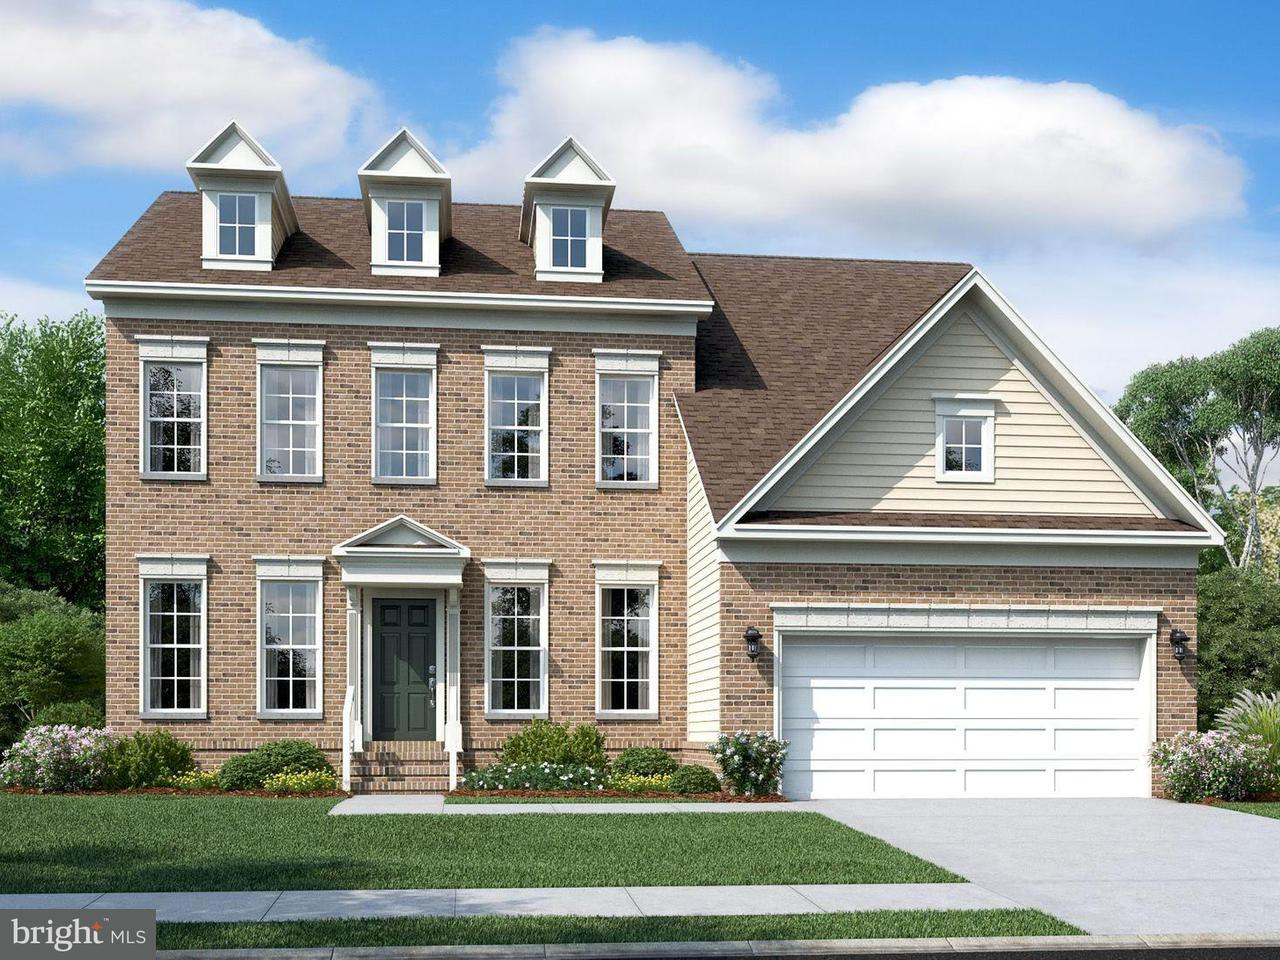 Casa Unifamiliar por un Venta en 9342 RAVENRIDGE Road 9342 RAVENRIDGE Road Parkville, Maryland 21234 Estados Unidos